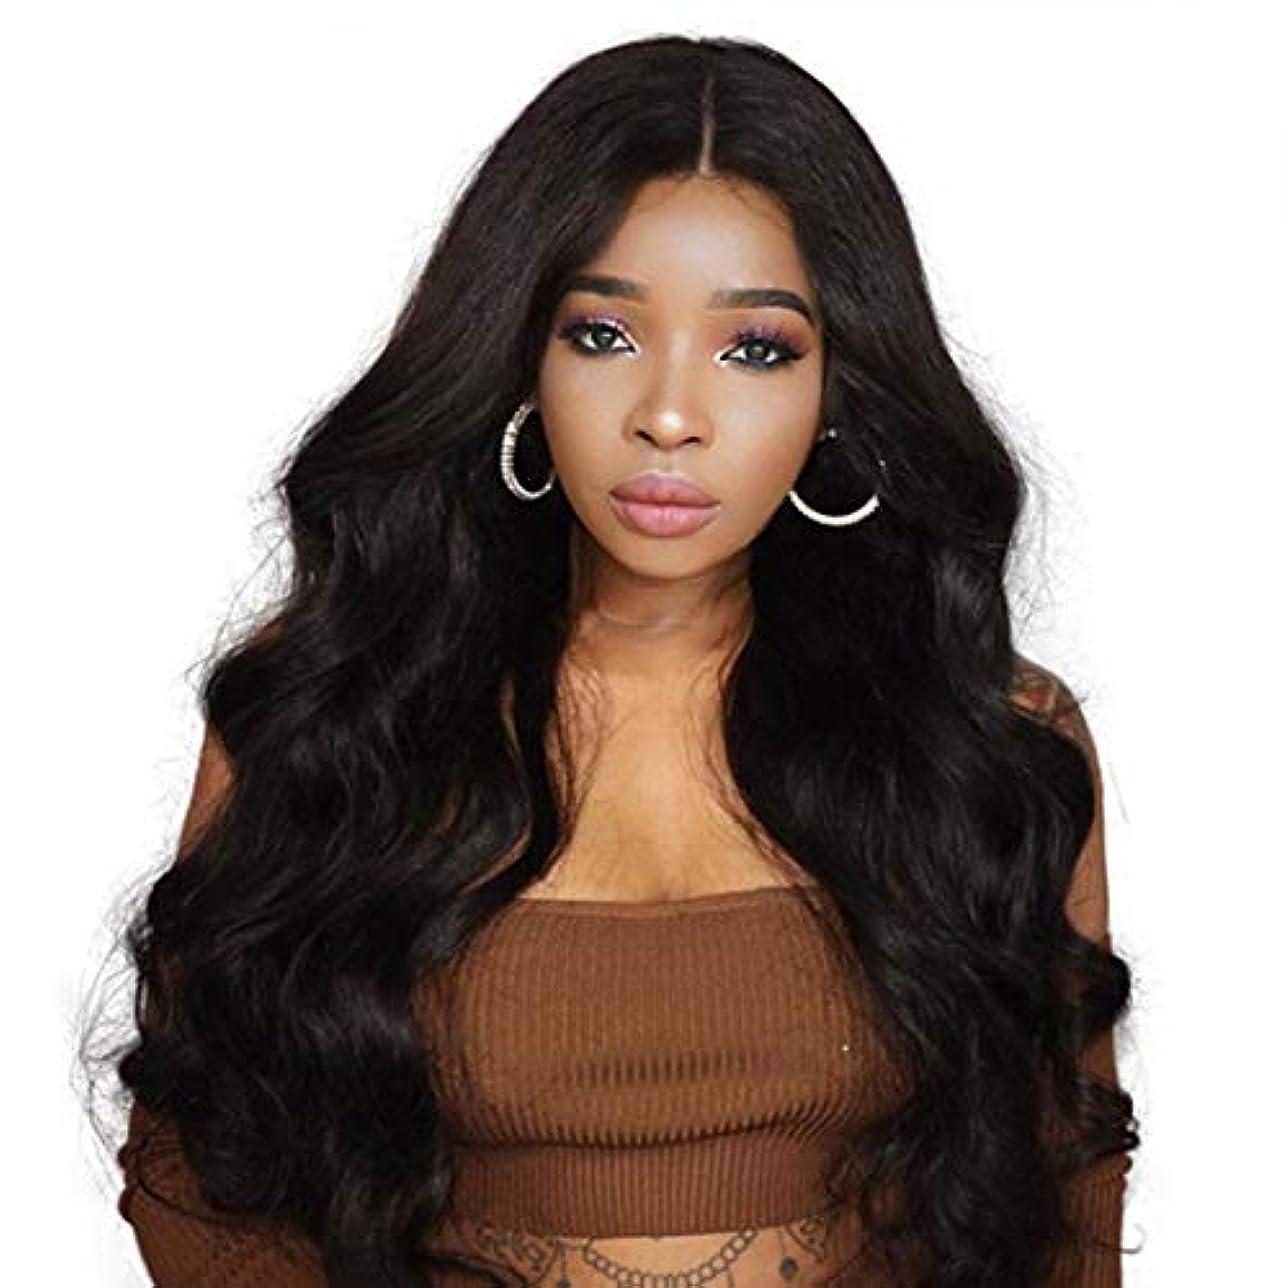 標準麻痺させるソフィーKerwinner 黒人女性のための長い波状の合成かつらカーリー合成かつら